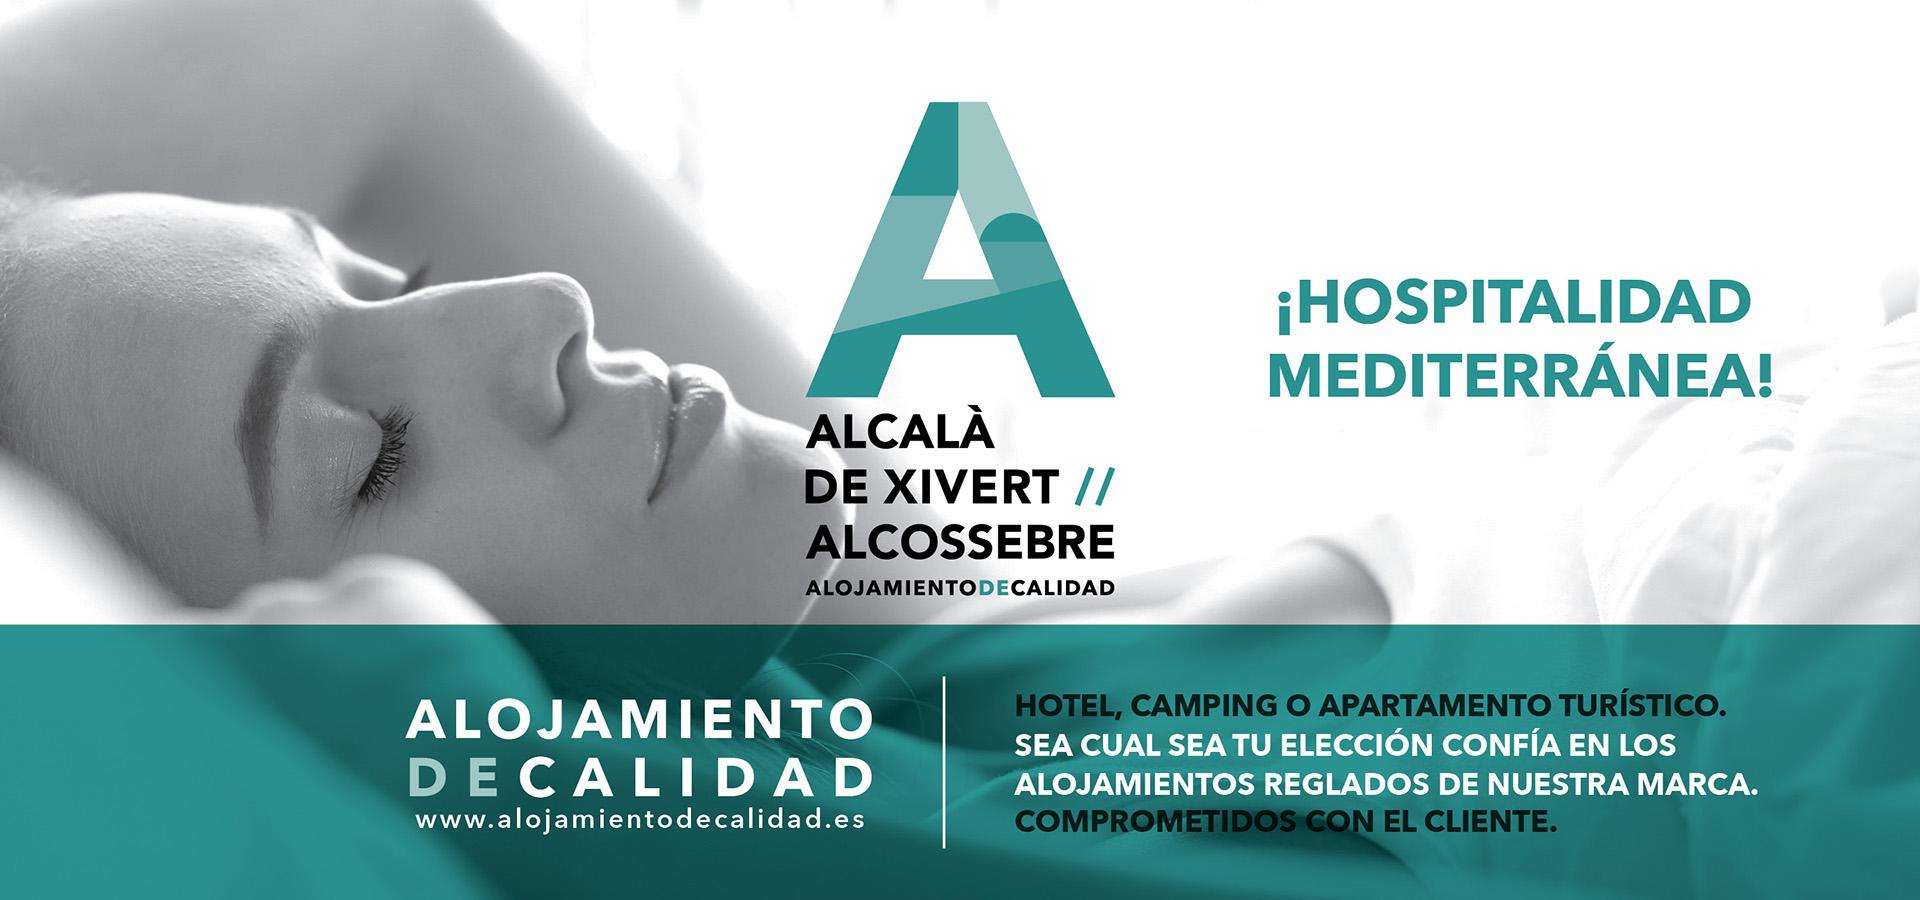 ASOCIACIÓN ALCALÀ-ALCOSSEBRE. ALOJAMIENTO DE CALIDAD